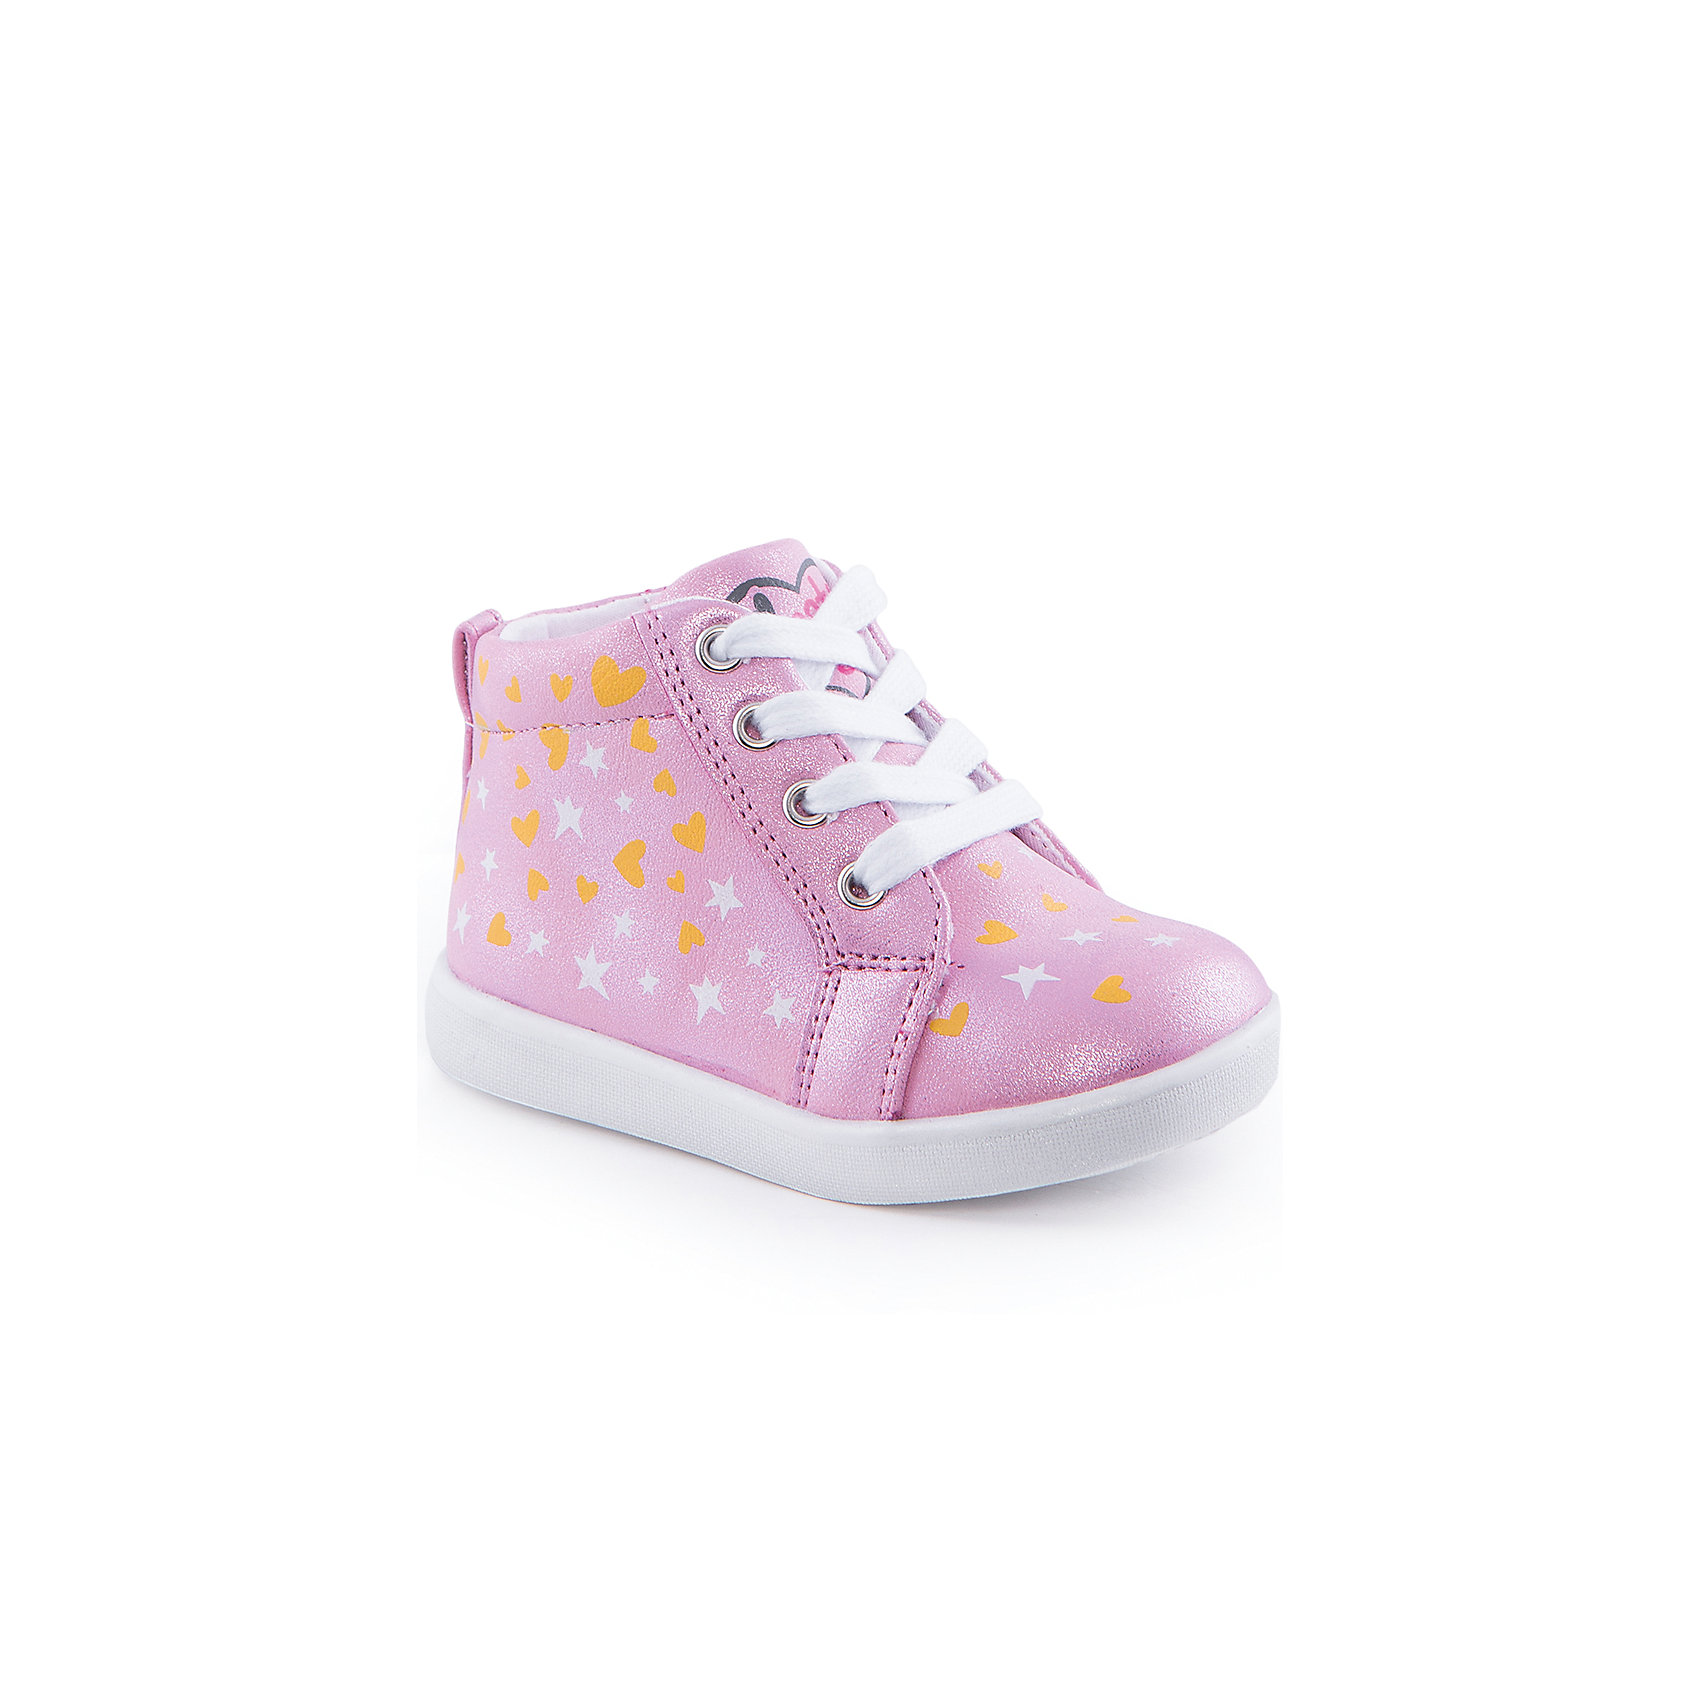 Ботинки для девочки Indigo kidsБотинки для девочки от известного бренда Indigo kids<br><br>Очень красивые нарядные ботинки могут быть и очень удобными! Яркий цвет делает эту модель стильной и привлекающей внимание. Ботинки легко надеваются благодаря шнуровке и молнии и комфортно садятся по ноге. <br><br>Особенности модели:<br><br>- цвет - розовый, блестящие;<br>- стильный дизайн;<br>- удобная колодка;<br>- текстильная подкладка;<br>- украшены принтом из сердечек и звездочек;<br>- устойчивая подошва;<br>- контрастные шнурки;<br>- застежки: шнуровка, молния.<br><br>Дополнительная информация:<br><br>Температурный режим:<br>от +5° С до +20° С<br><br>Состав:<br><br>верх – искусственная кожа;<br>подкладка - текстиль;<br>подошва - ТЭП.<br><br>Ботинки для девочки Indigo kids (Индиго Кидс) можно купить в нашем магазине.<br><br>Ширина мм: 262<br>Глубина мм: 176<br>Высота мм: 97<br>Вес г: 427<br>Цвет: розовый<br>Возраст от месяцев: 15<br>Возраст до месяцев: 18<br>Пол: Женский<br>Возраст: Детский<br>Размер: 22,26,25,21,23,24<br>SKU: 4519985